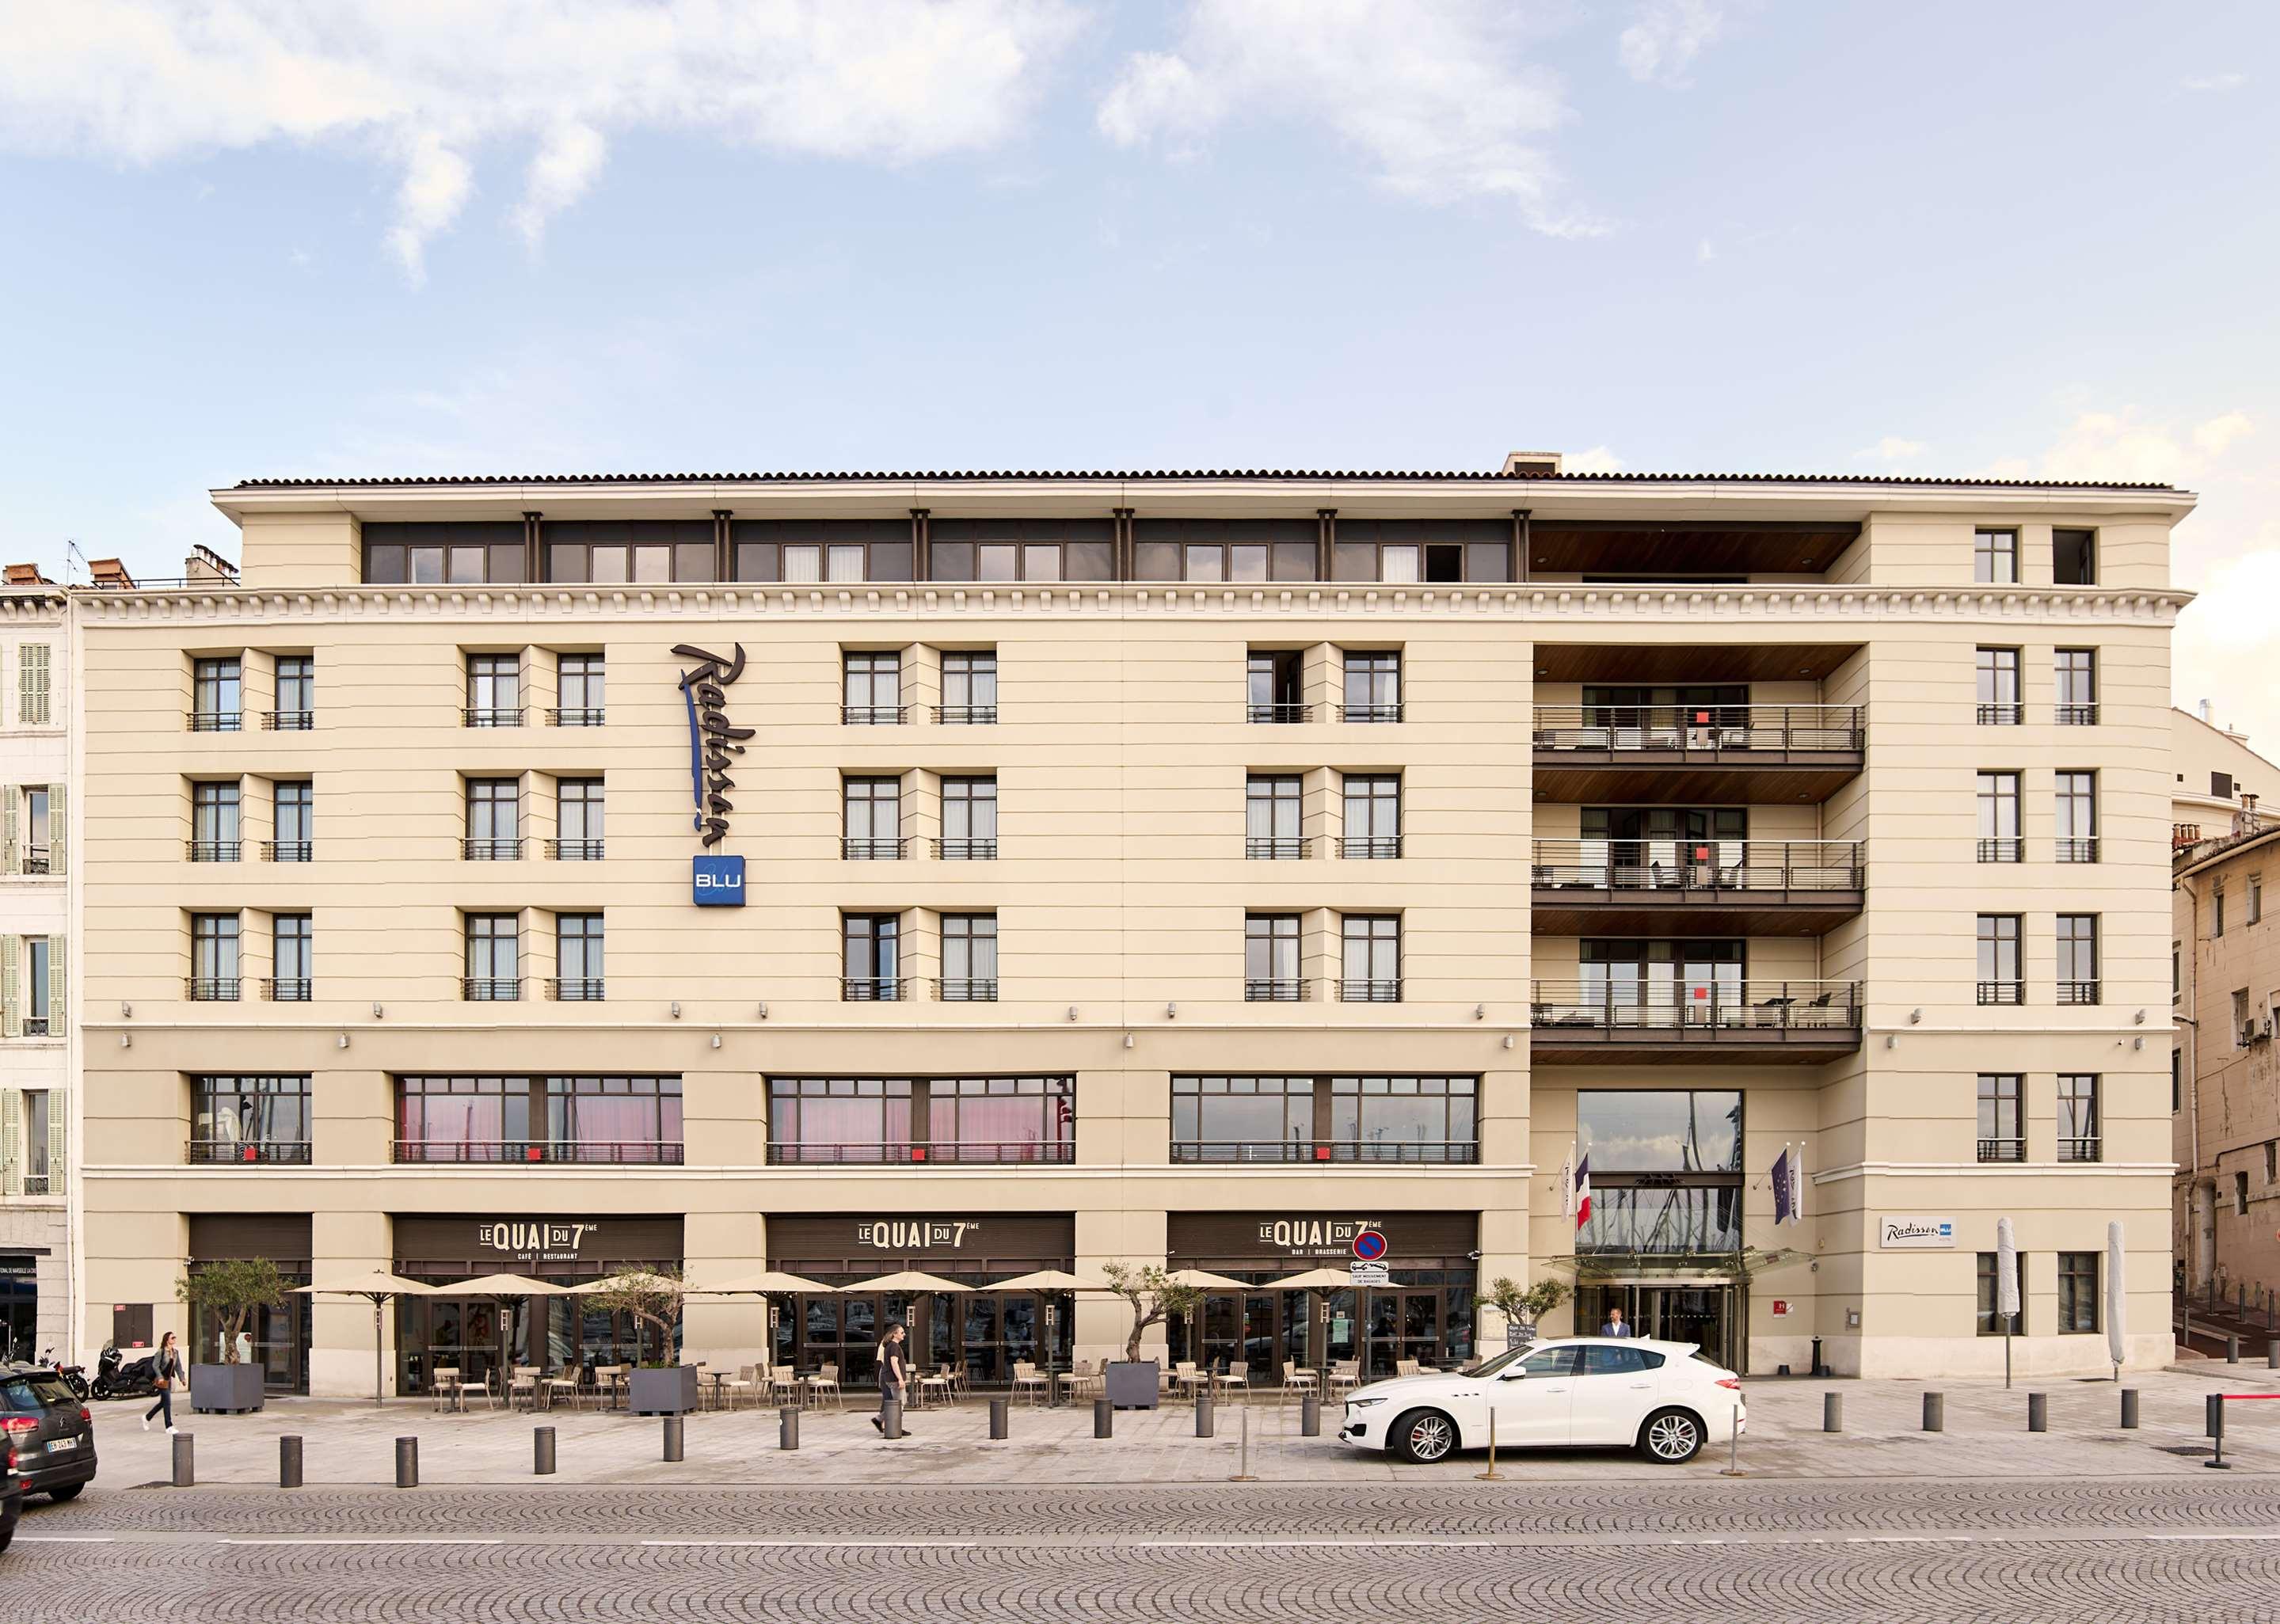 Radisson Blu Hotel Marseille Vieux Port Marseille Price Address Reviews